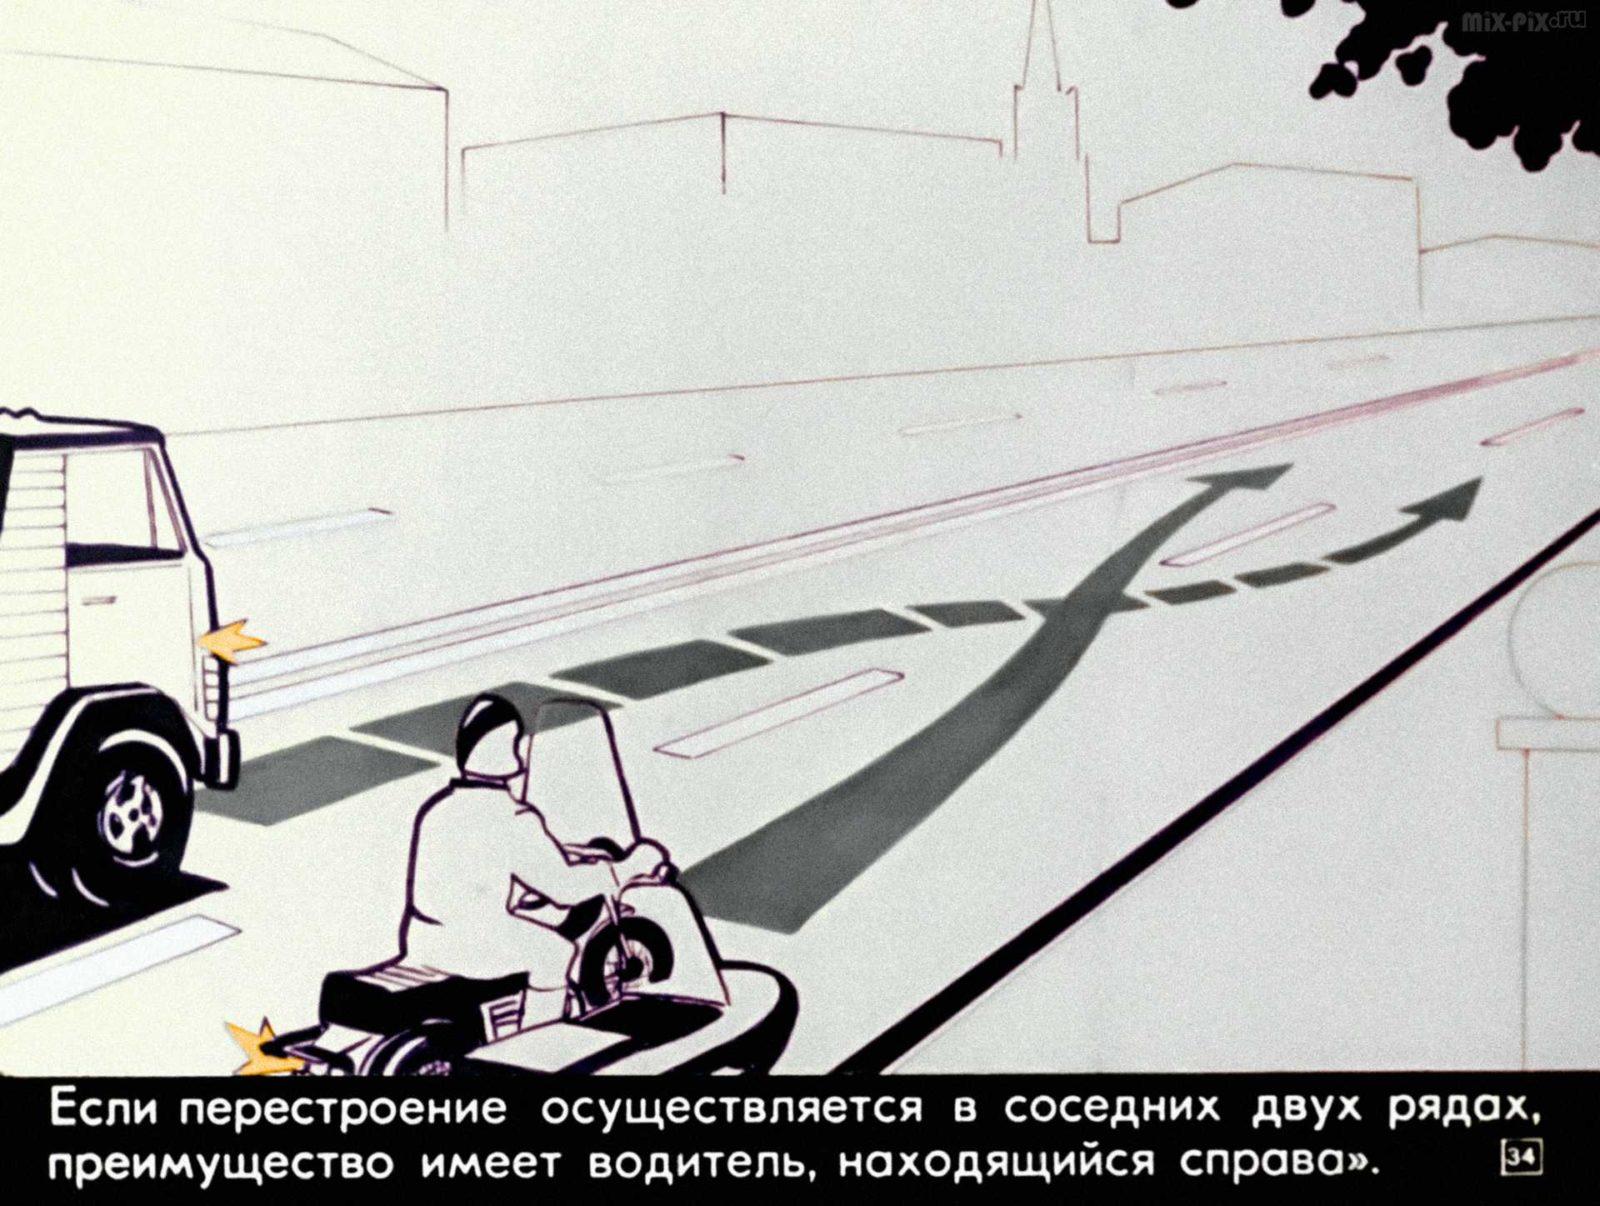 Правила дорожного движения. Расположение транспортных средств на проезжей части. Начало движения. Маневрирование (1983) 47